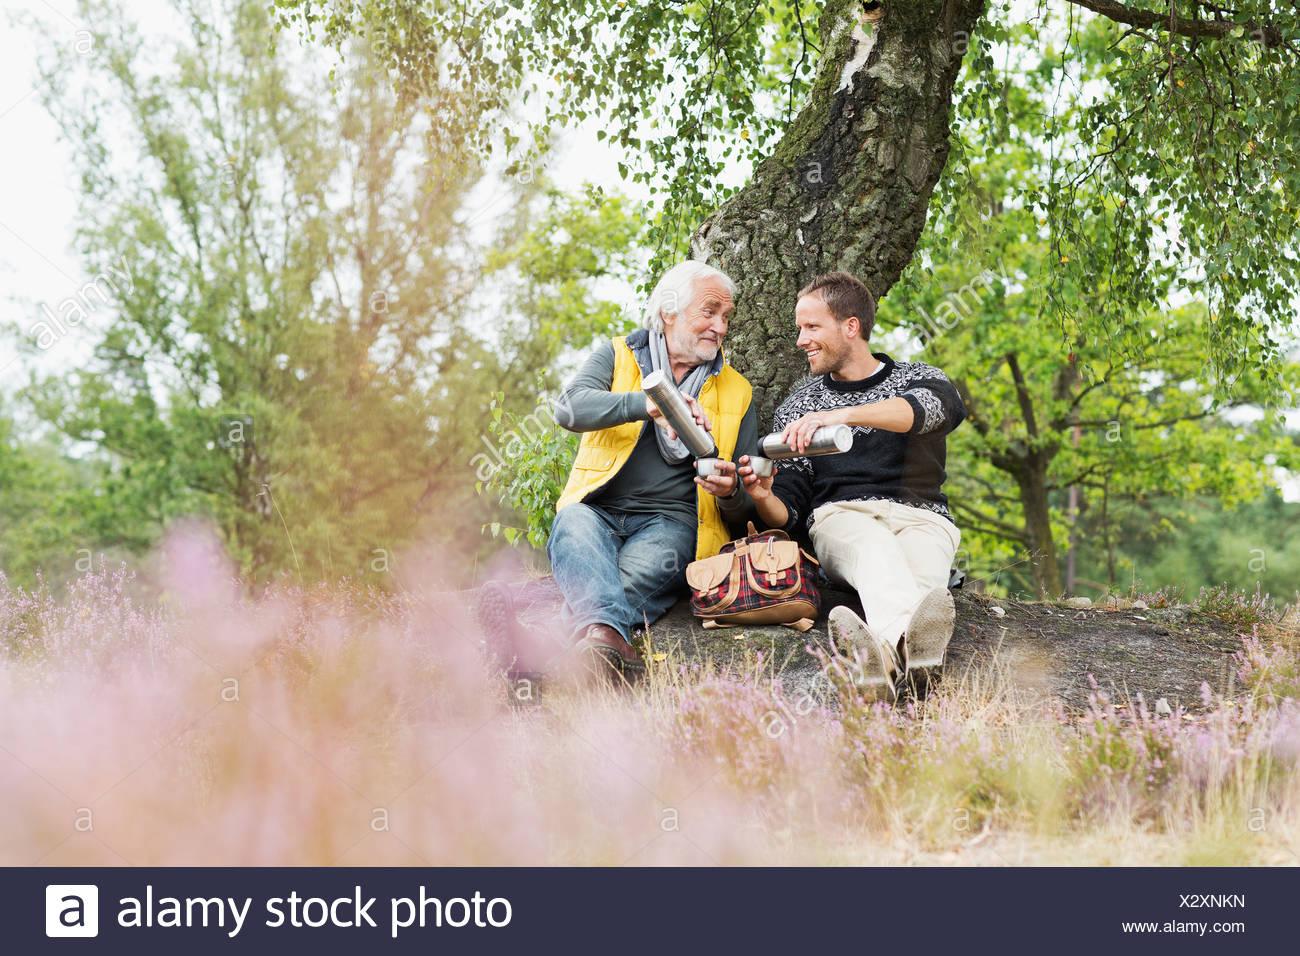 Vater und erwachsener Sohn Kaffee trinken aus der Flasche Stockfoto